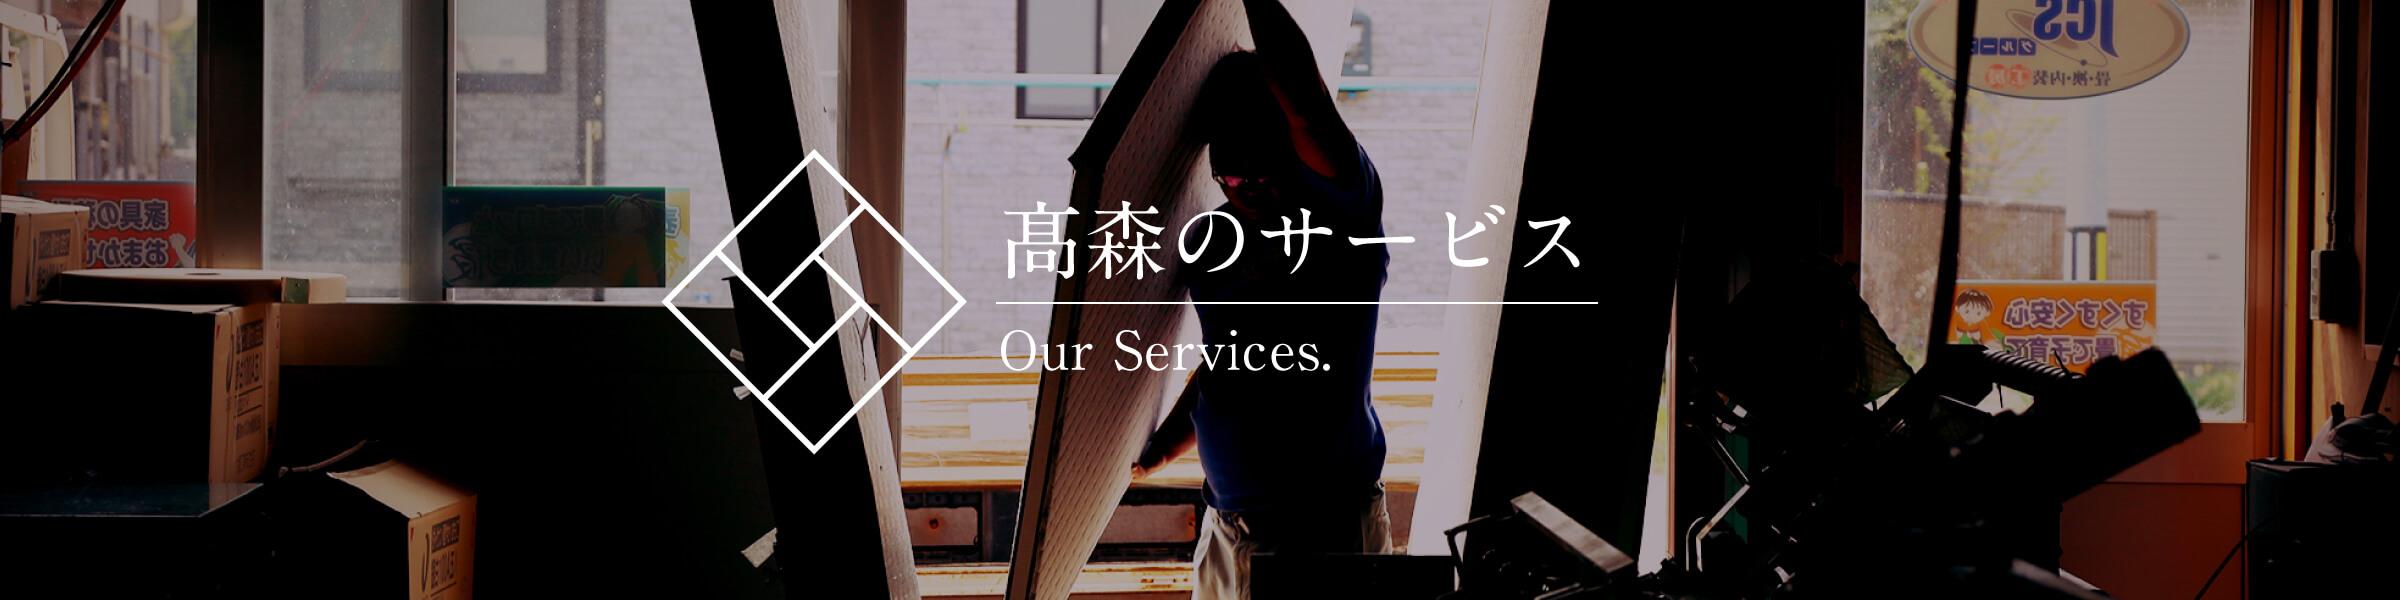 高森のサービス